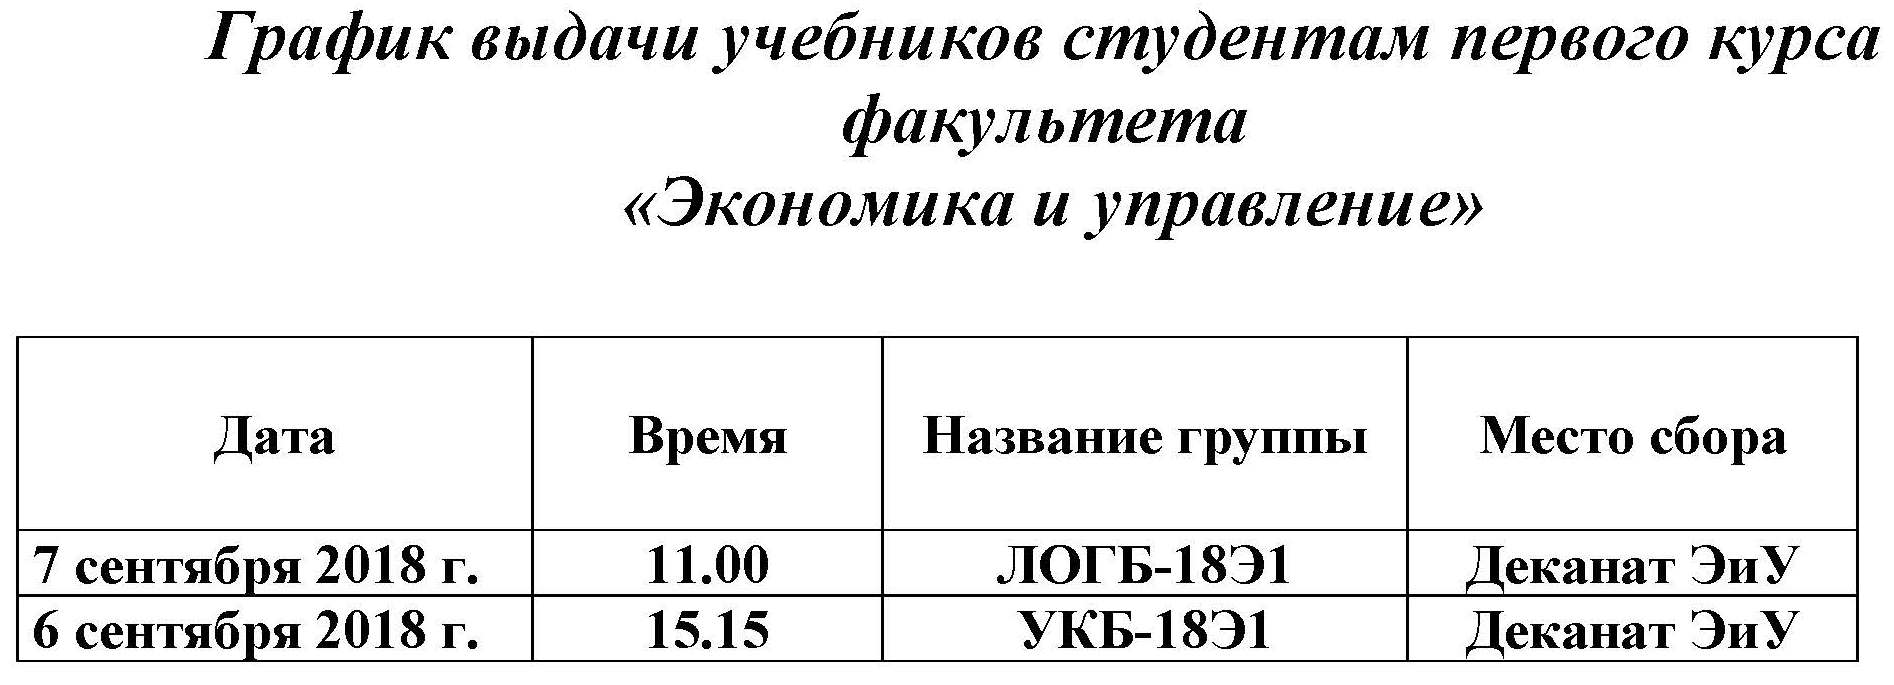 График выдачи учебников студентам первого курса факультета_Страница_1